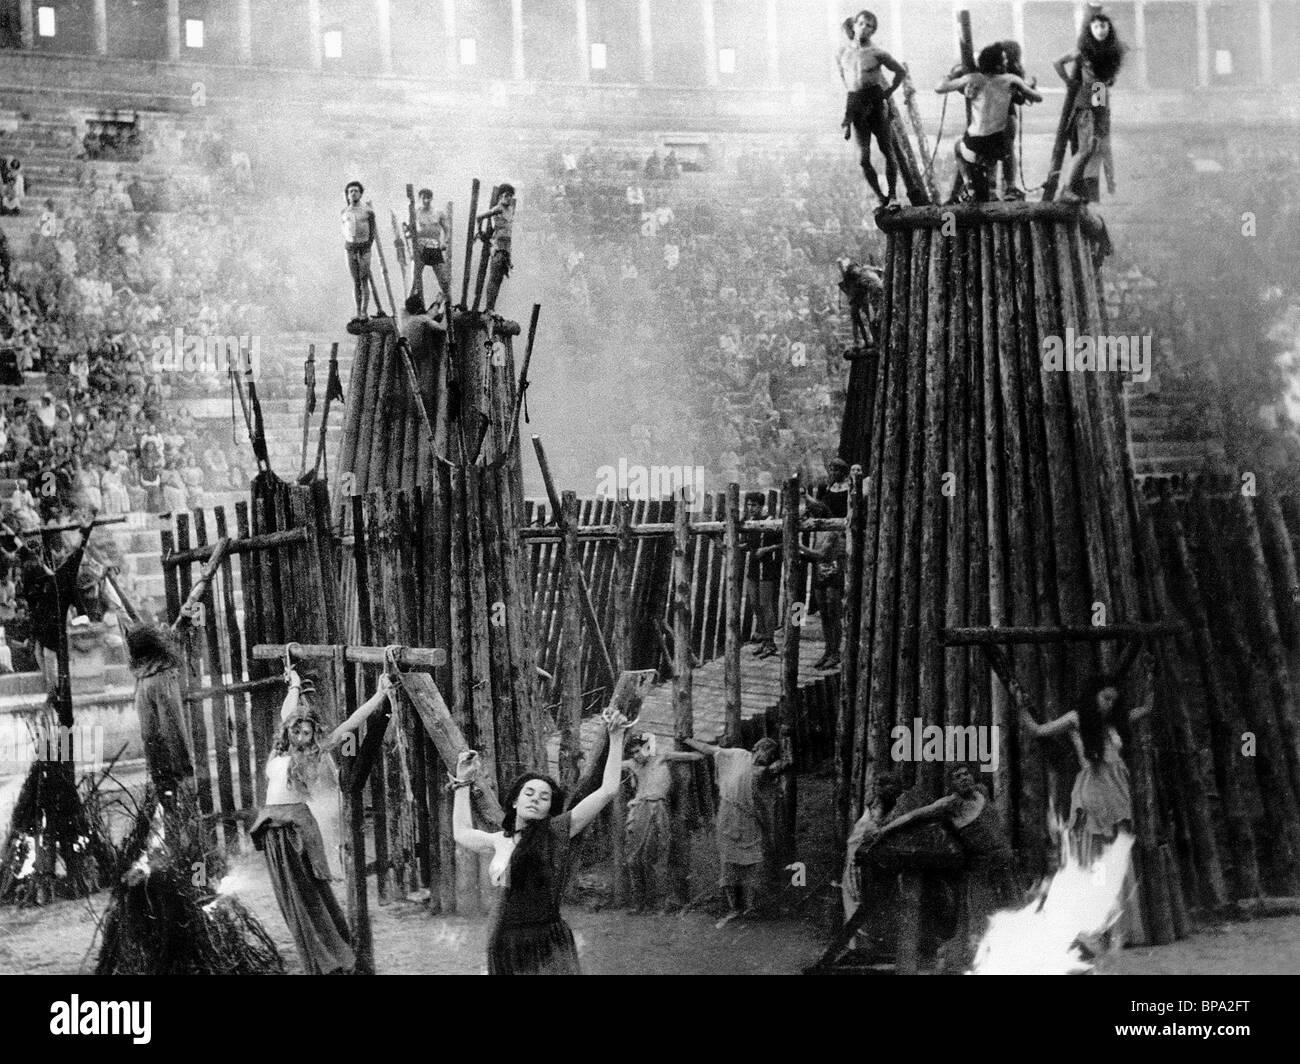 Esecuzione cristiana scena FABIOLA (1949) Immagini Stock